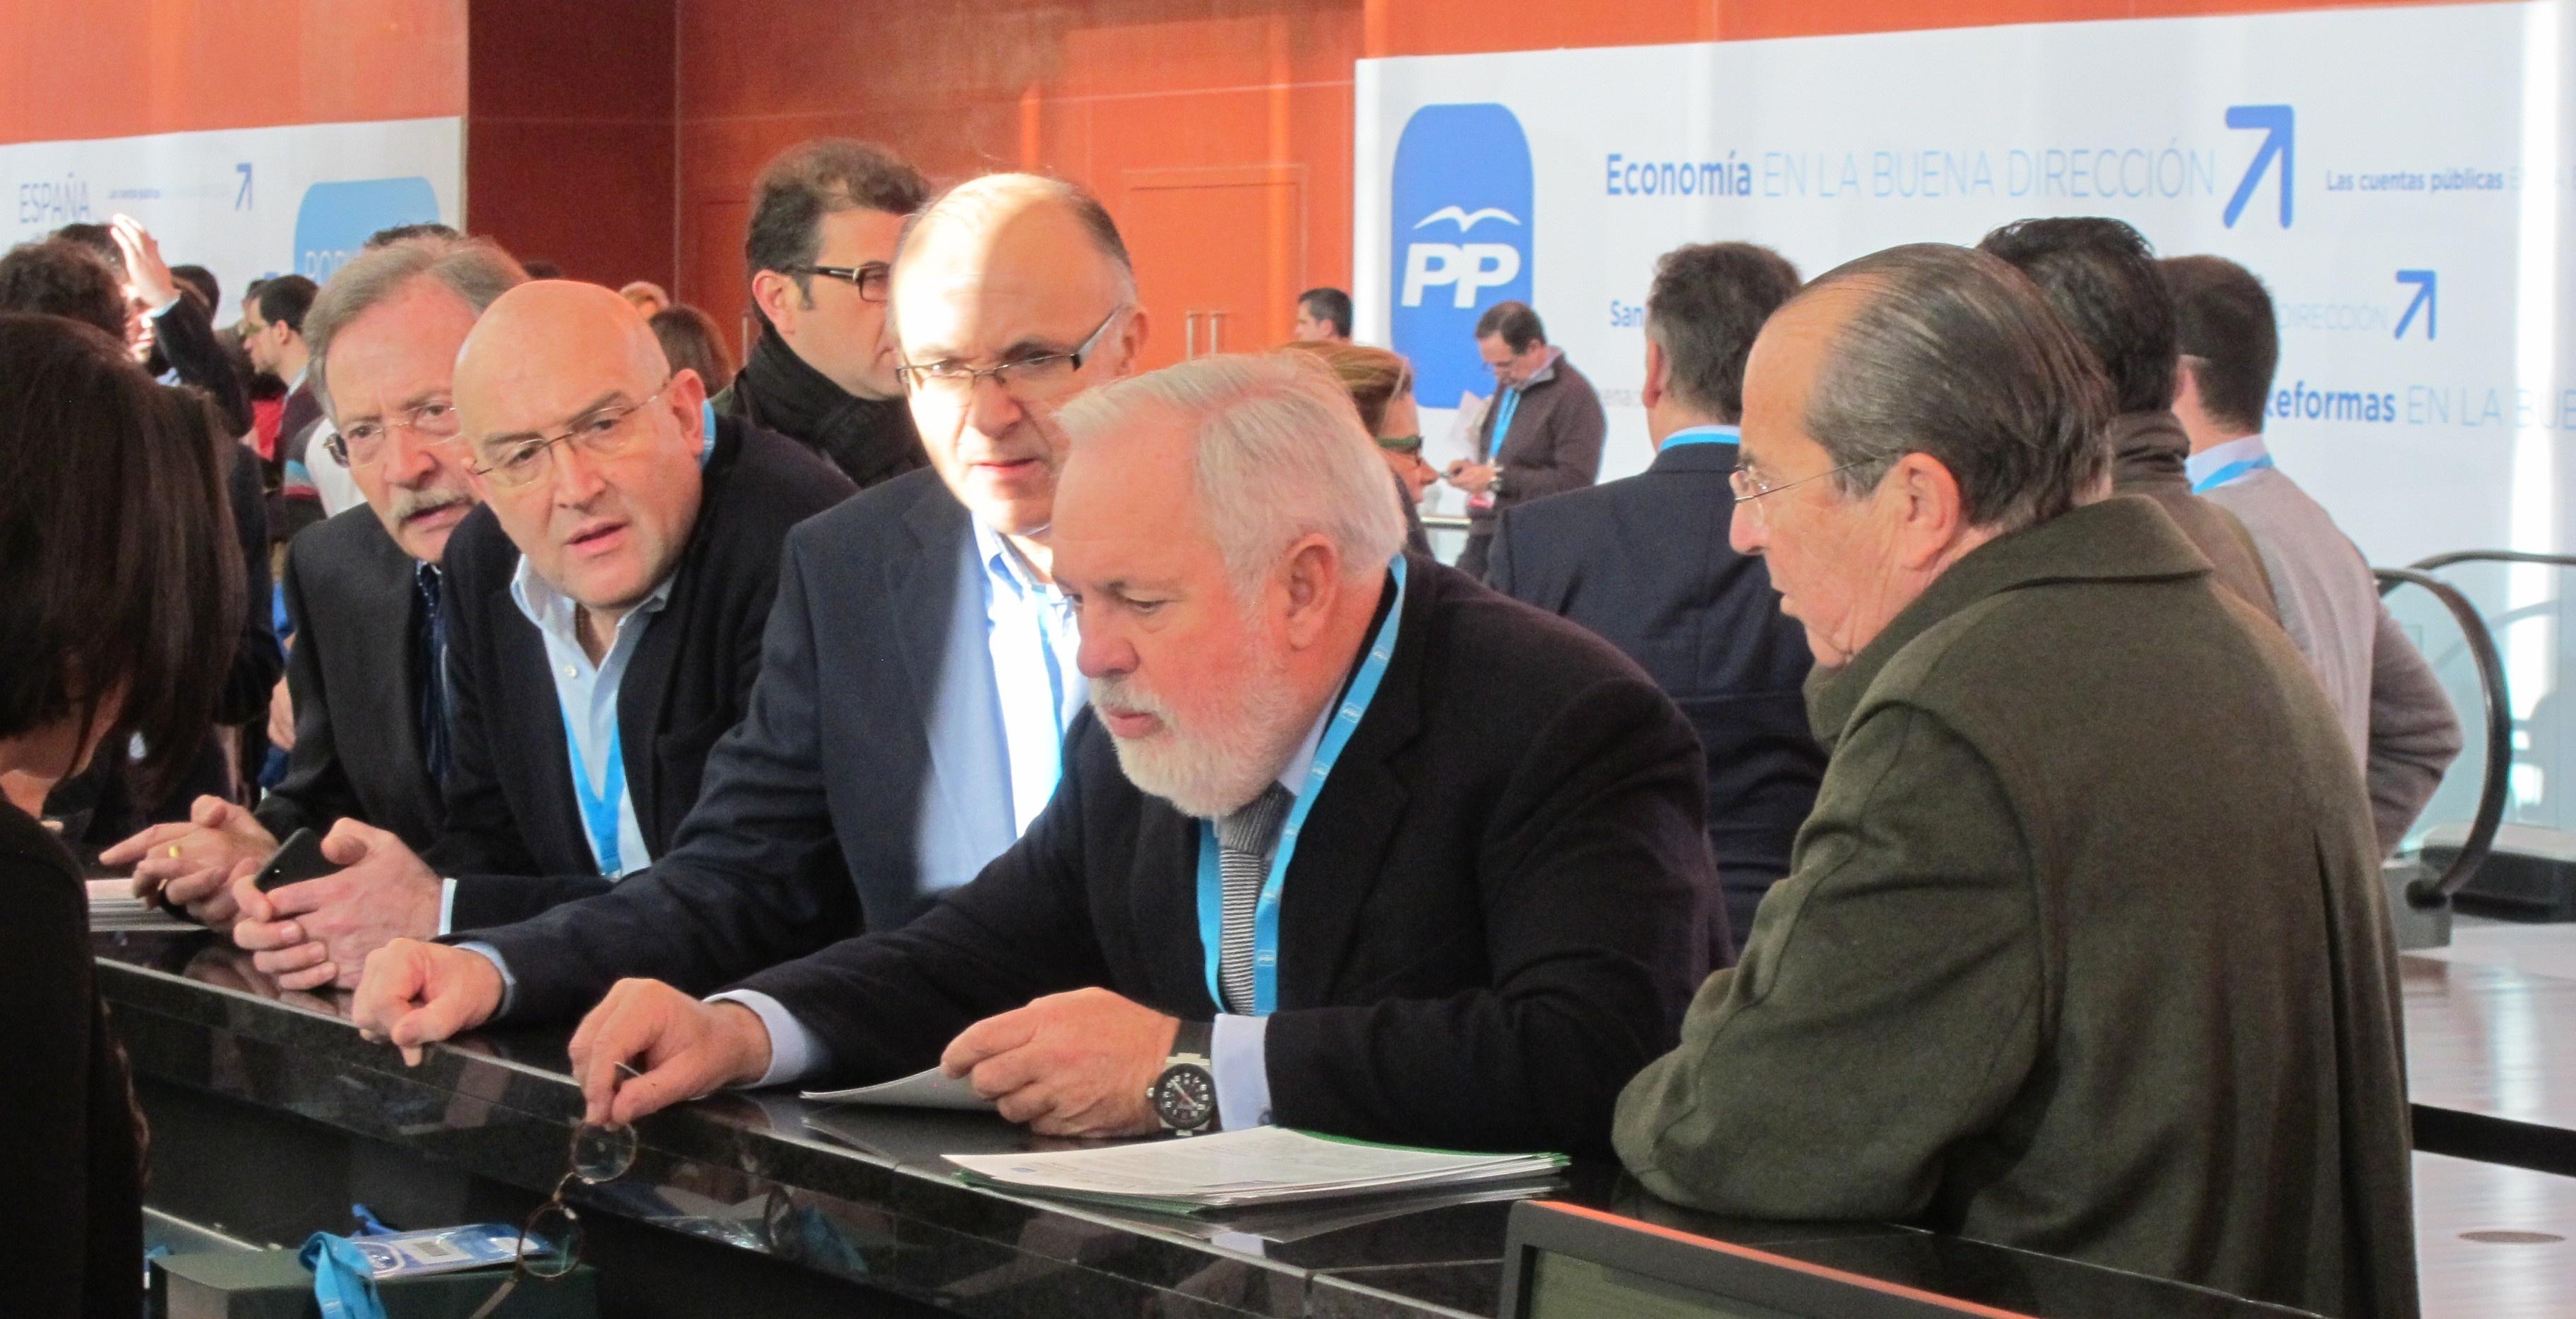 Cañete y Valcárcel reiteran su disposición para encabezar la lista europea aunque desconocen cuál será la decisión